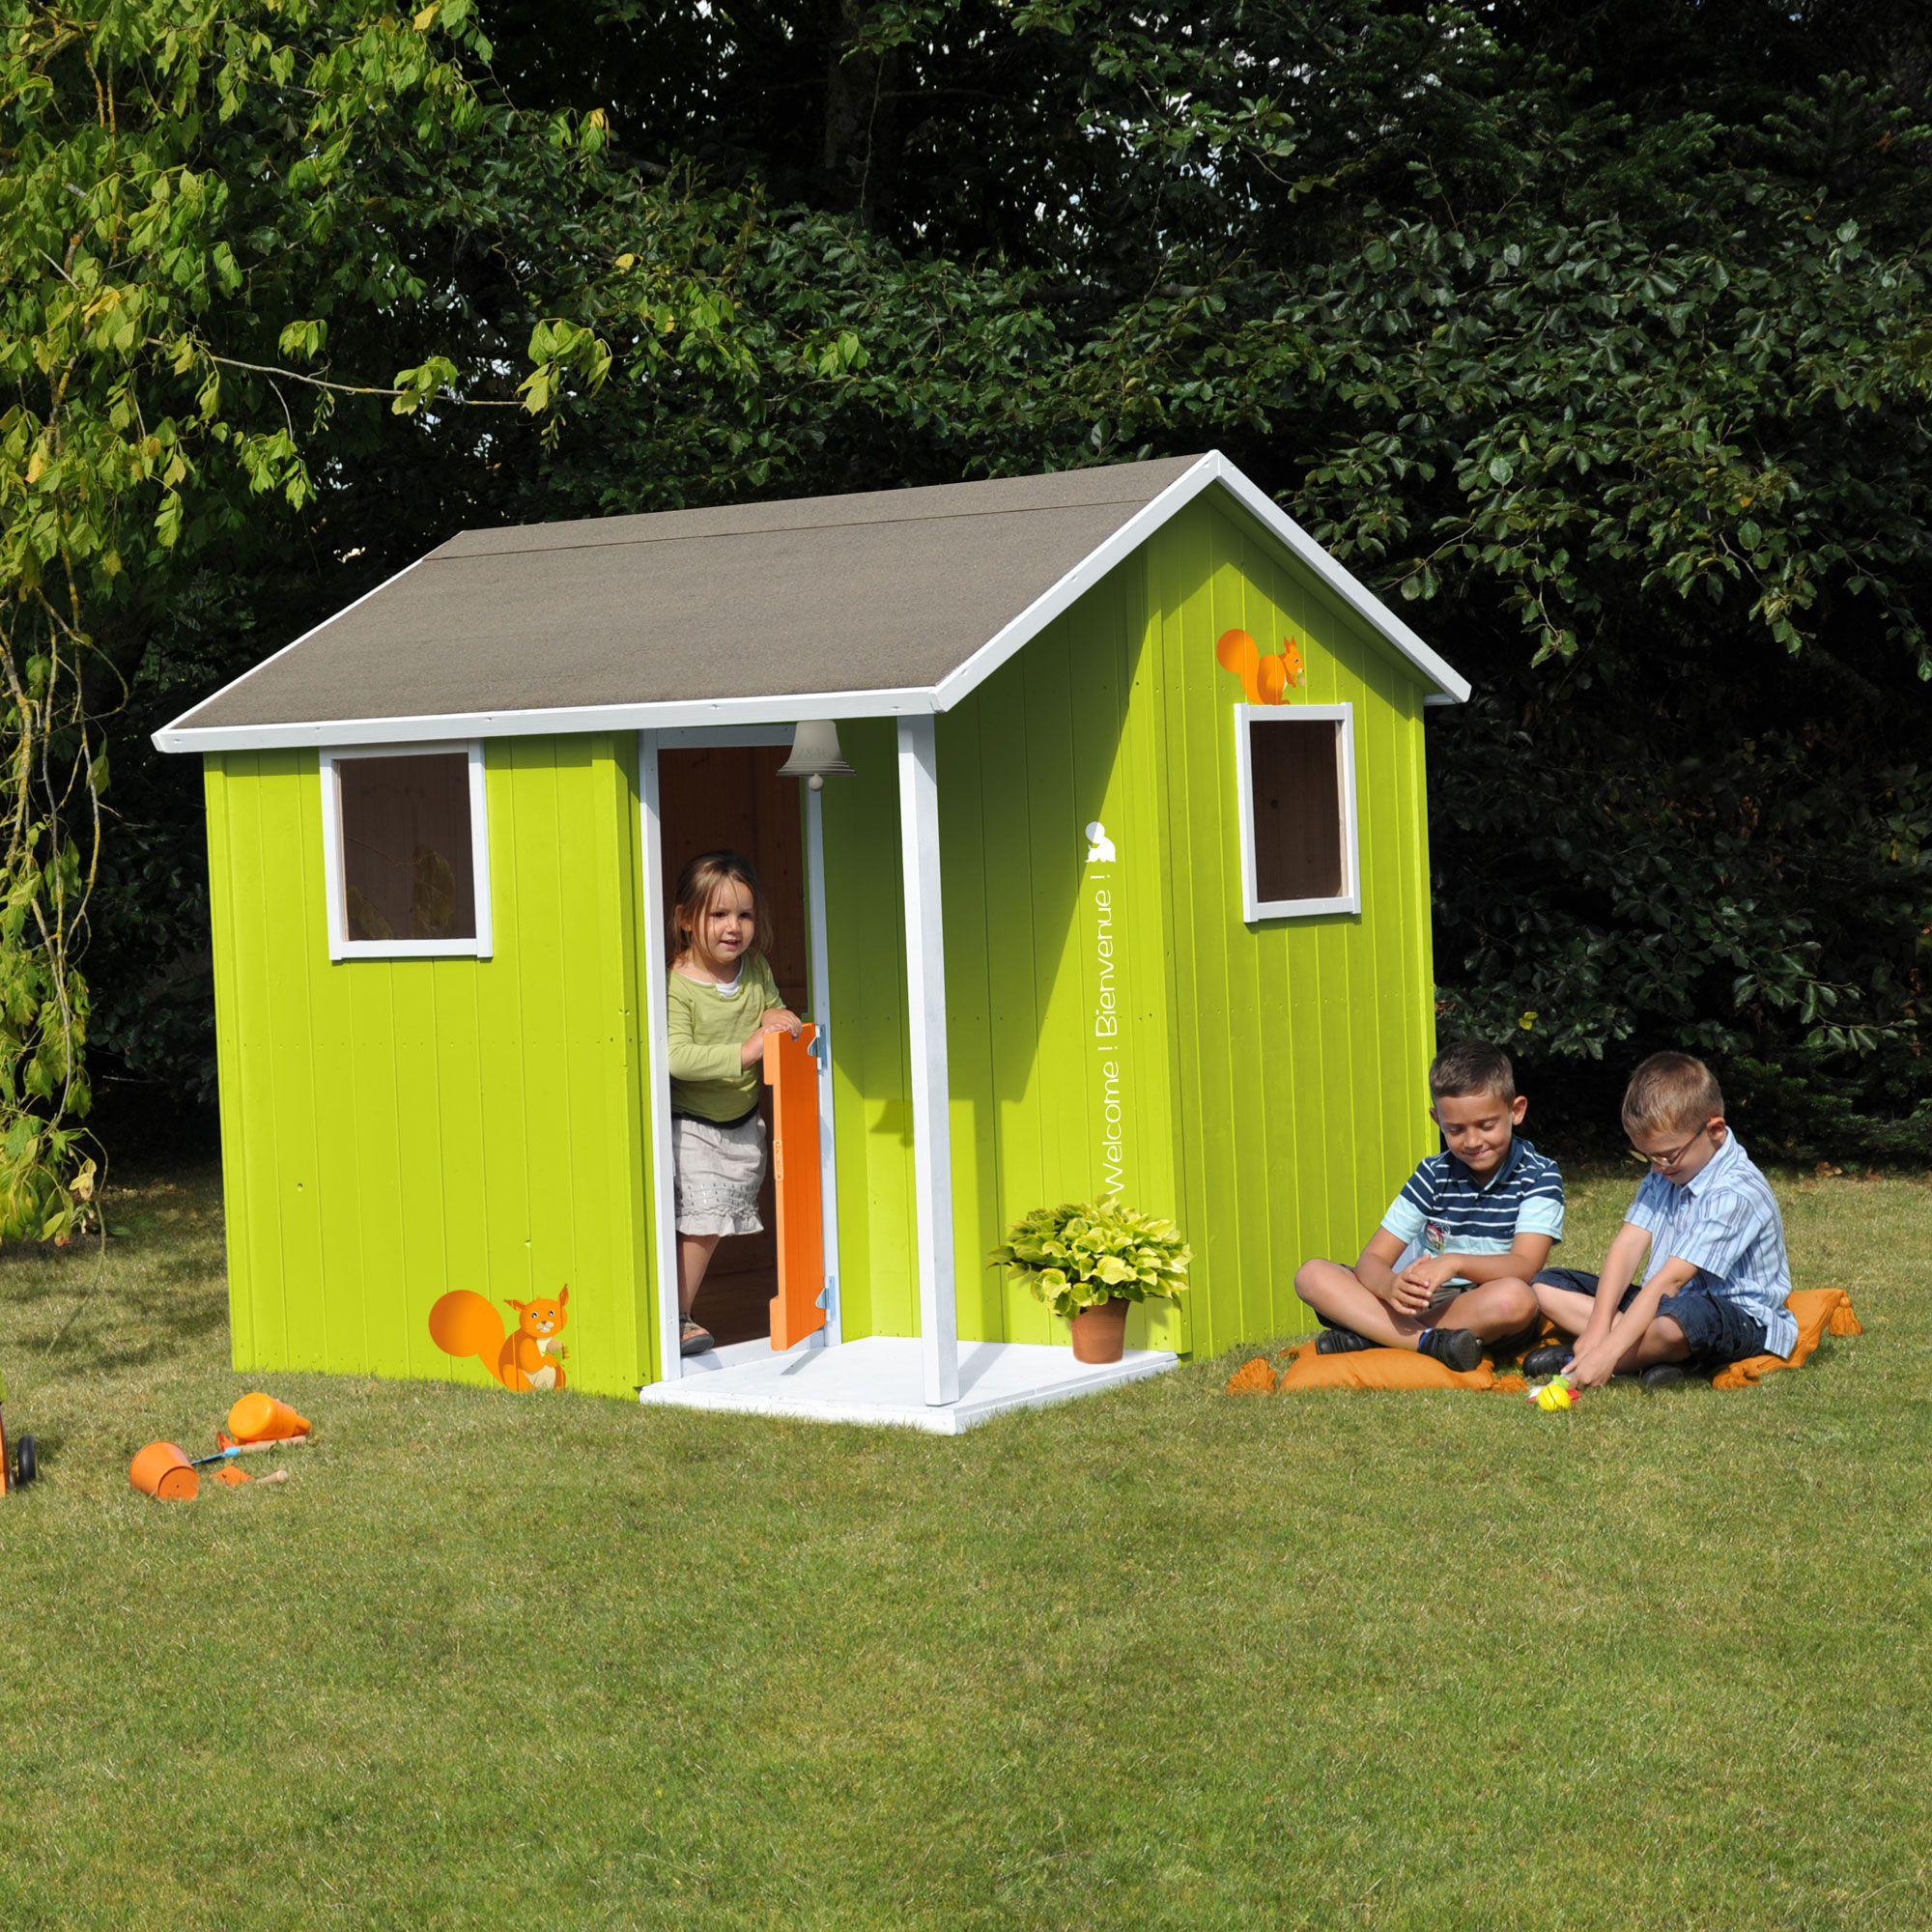 cabane maisonnette enfant en bois de sapin avec terrasse 170x172x175cm lisa soulet. Black Bedroom Furniture Sets. Home Design Ideas